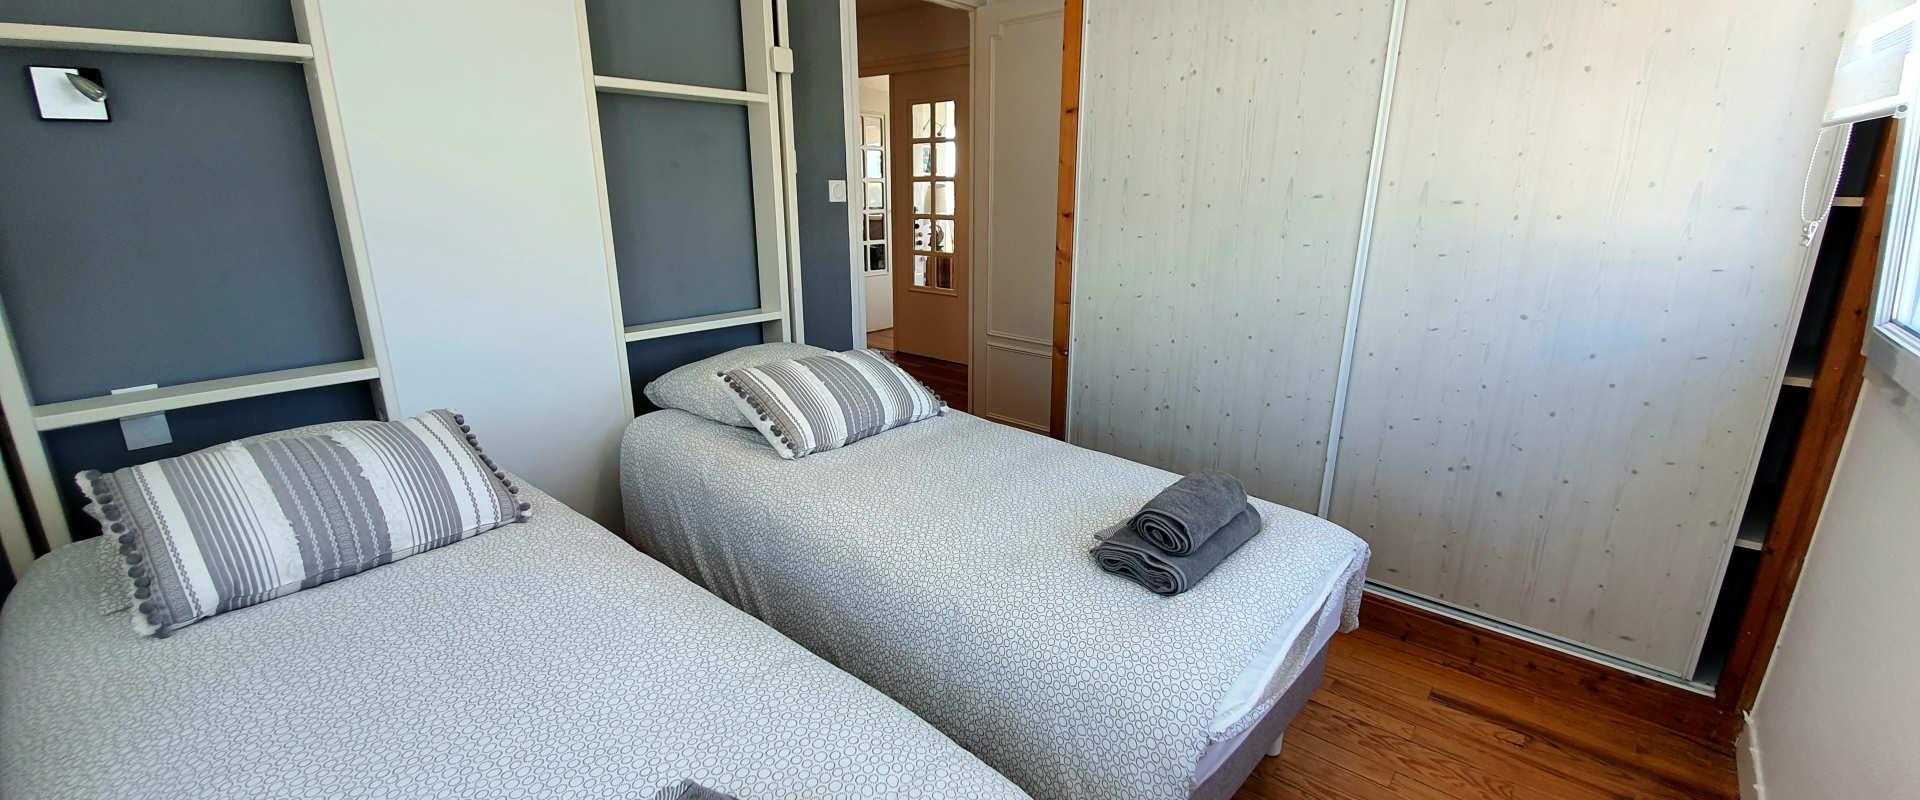 les-voiles-chambre2-etage.jpg